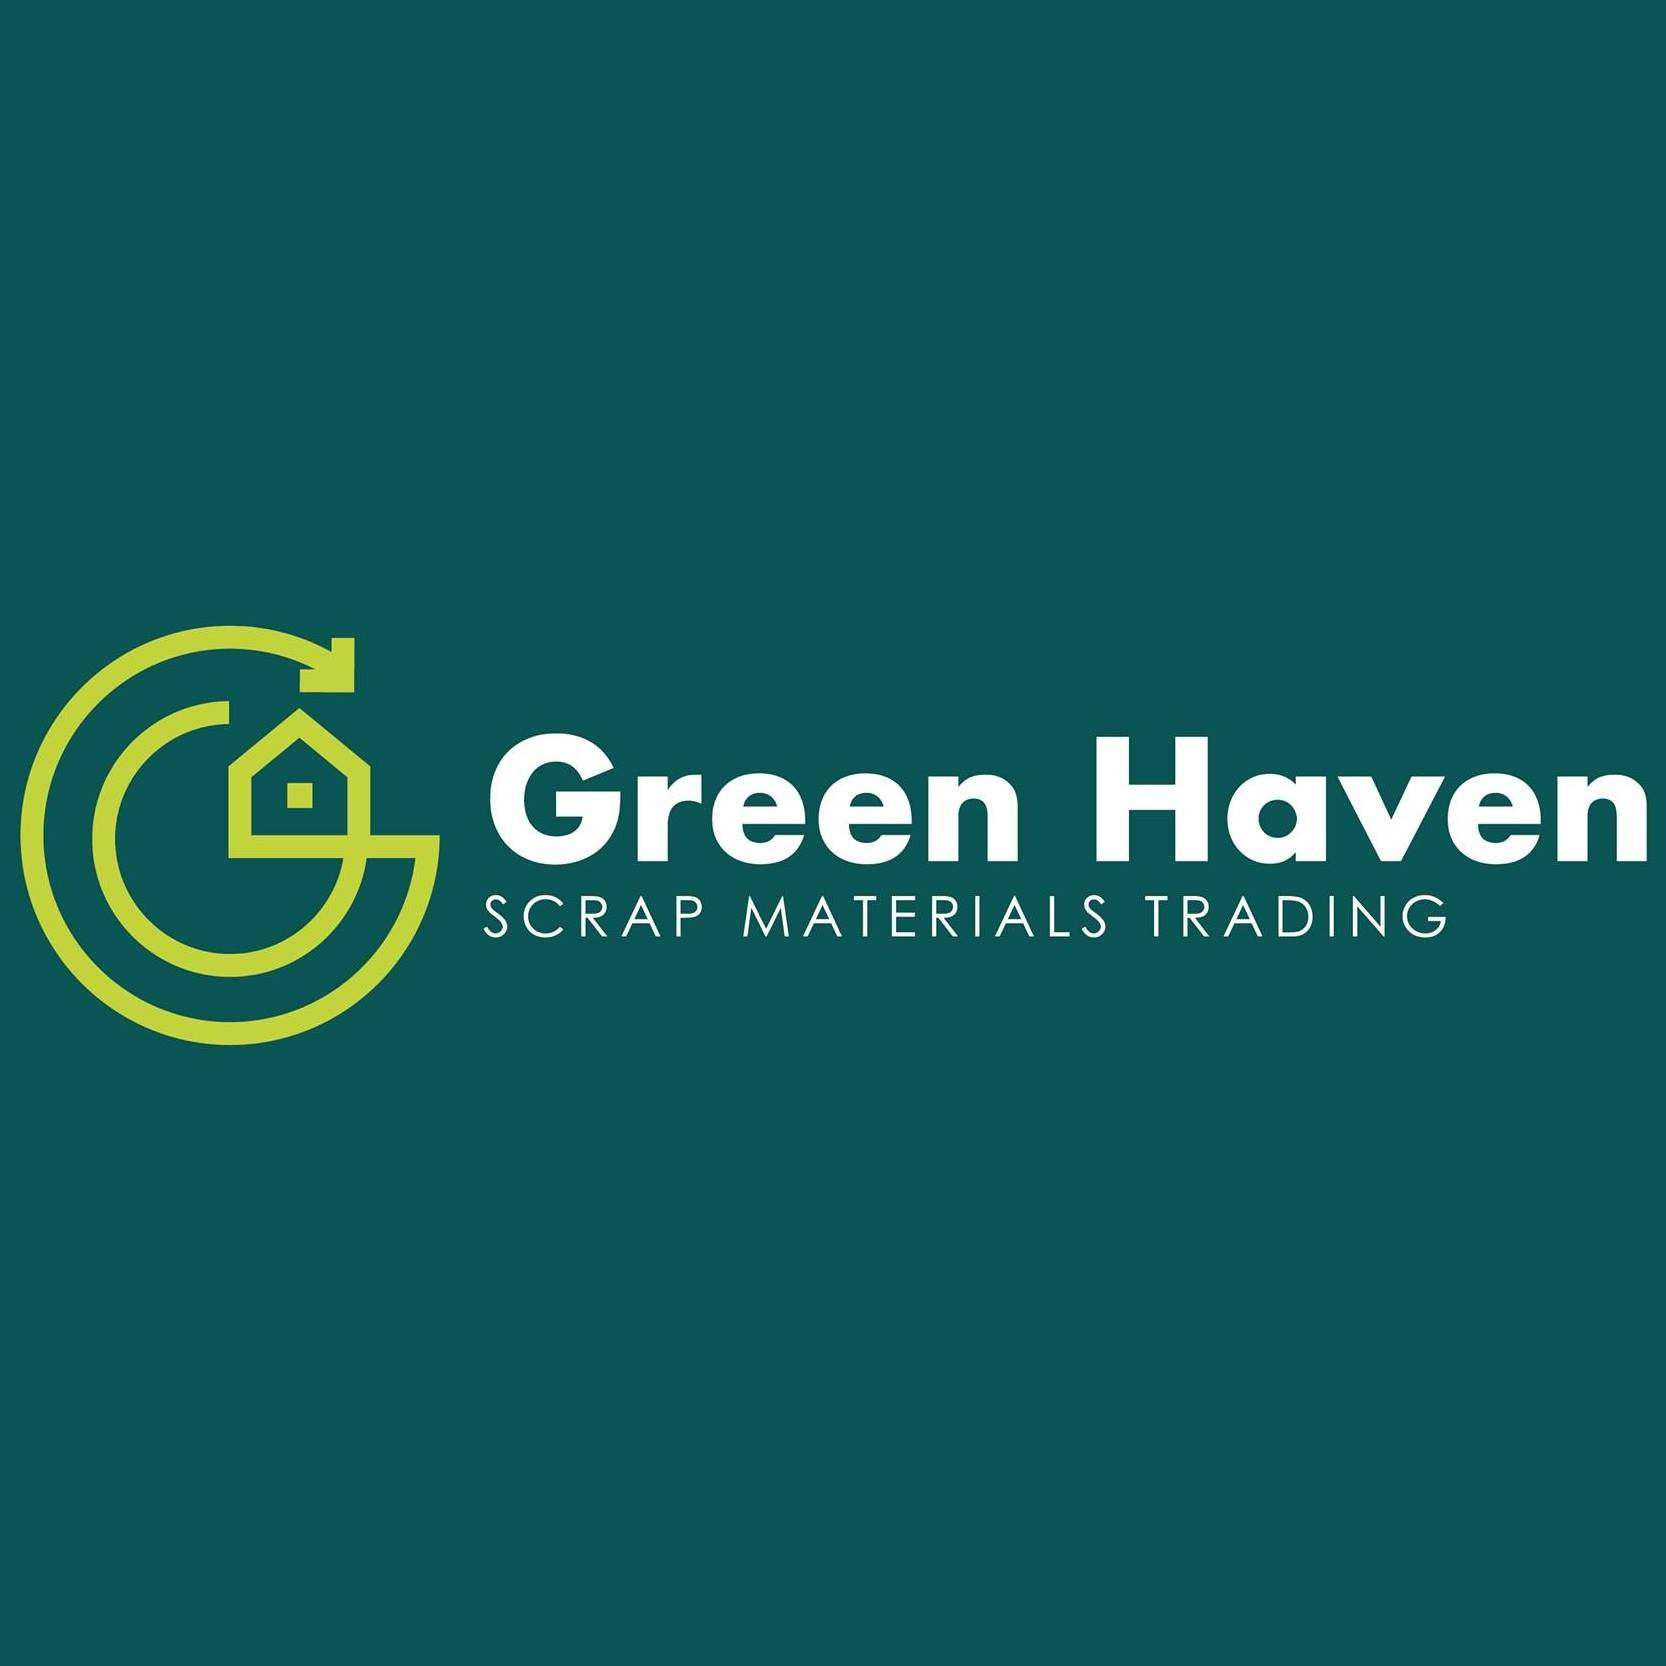 Green Haven Scrap Materials Trading